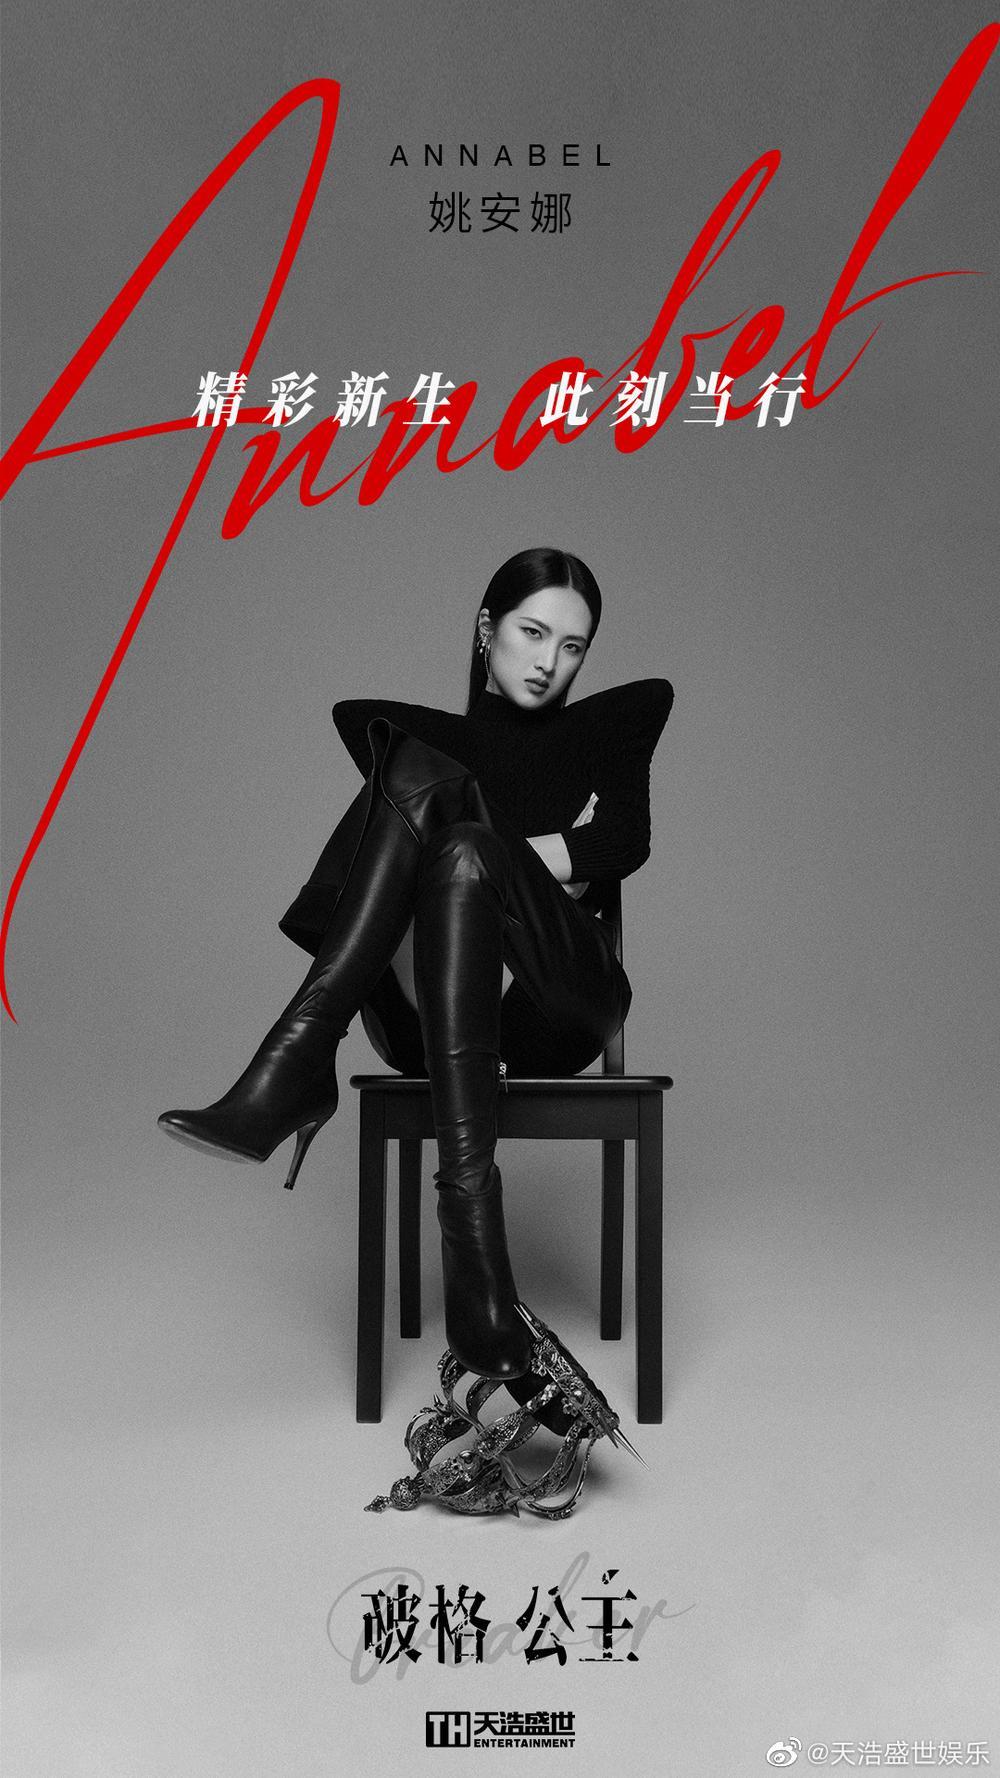 Con gái của tập đoàn Huawei gia nhập vào công ty giải trí của Trần Phi Vũ Ảnh 1